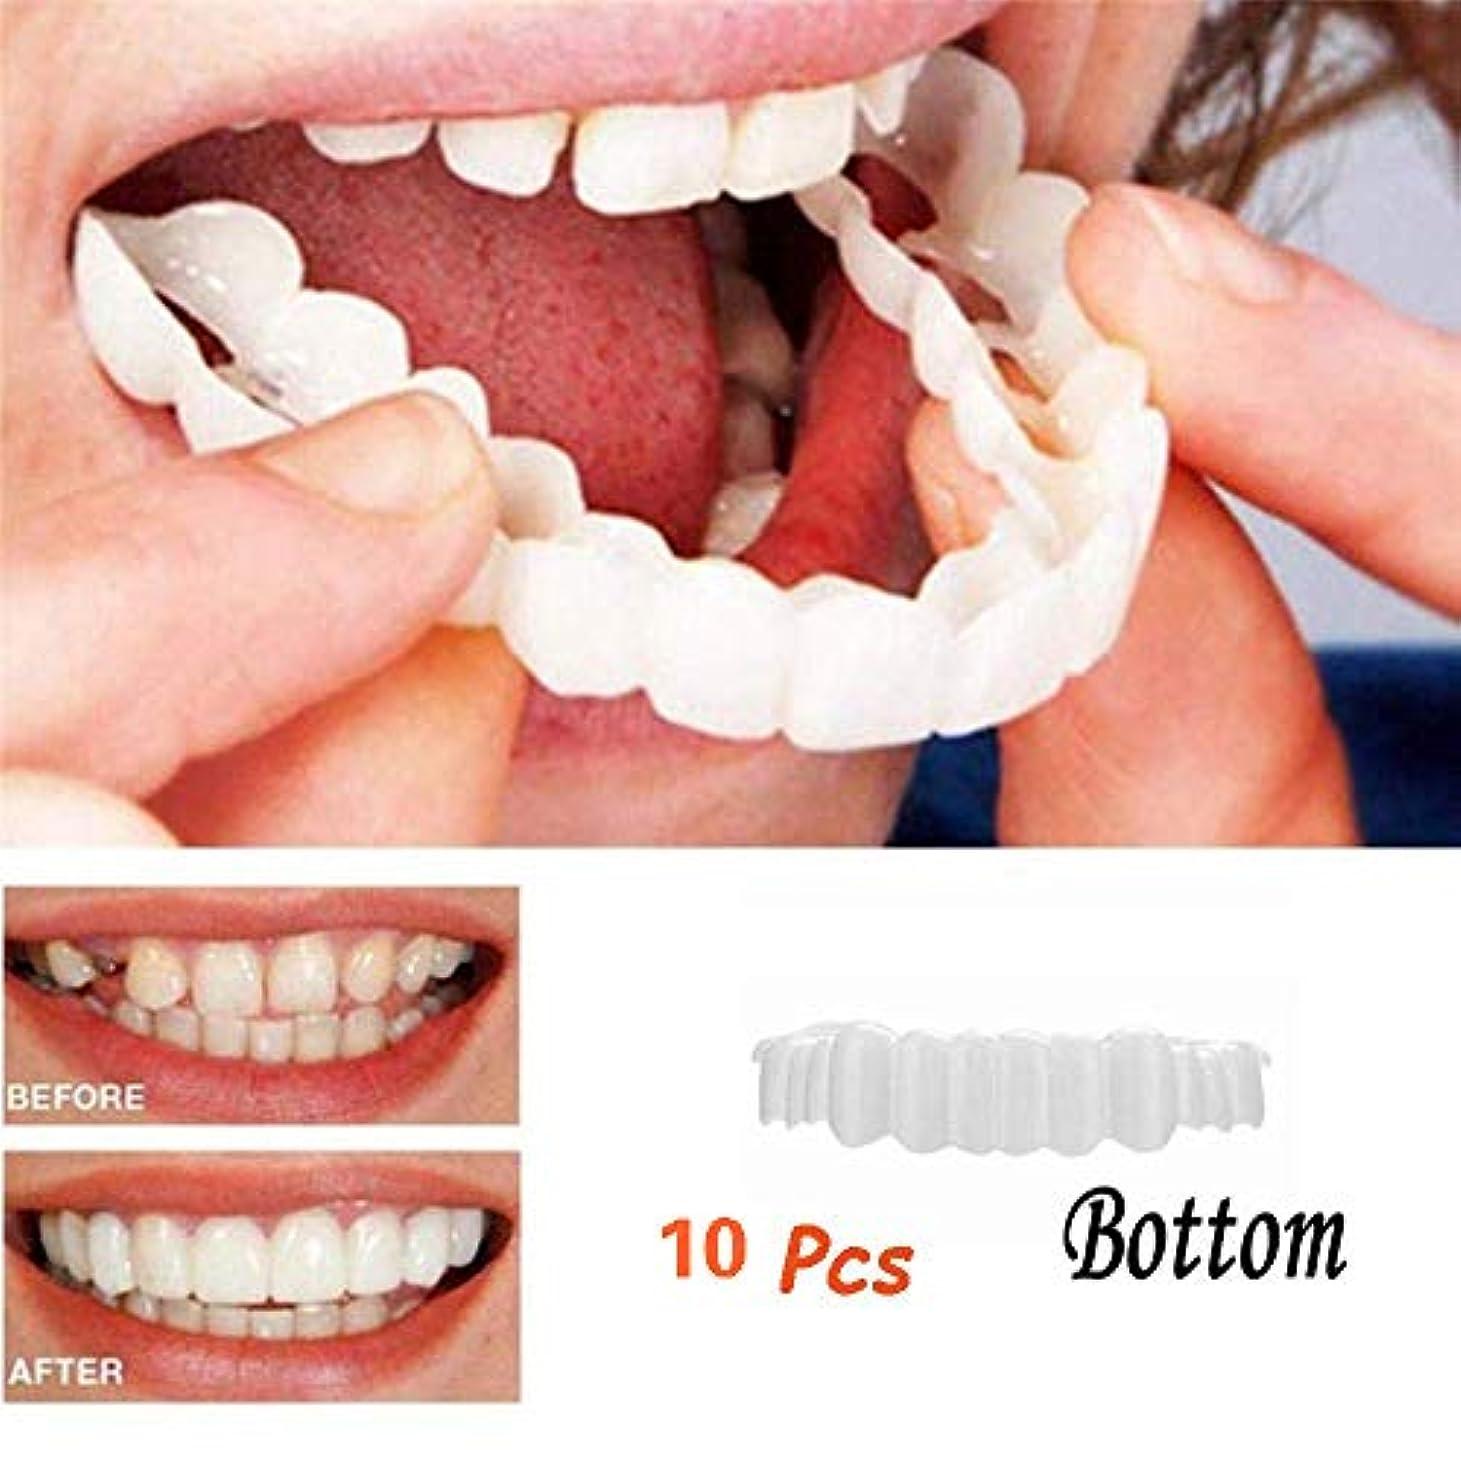 10ピース化粧品歯化粧品歯科スナップインスタントパーフェクトスマイルコンフォートフィットフレックス歯白い歯カバーフィットほとんどの偽底歯